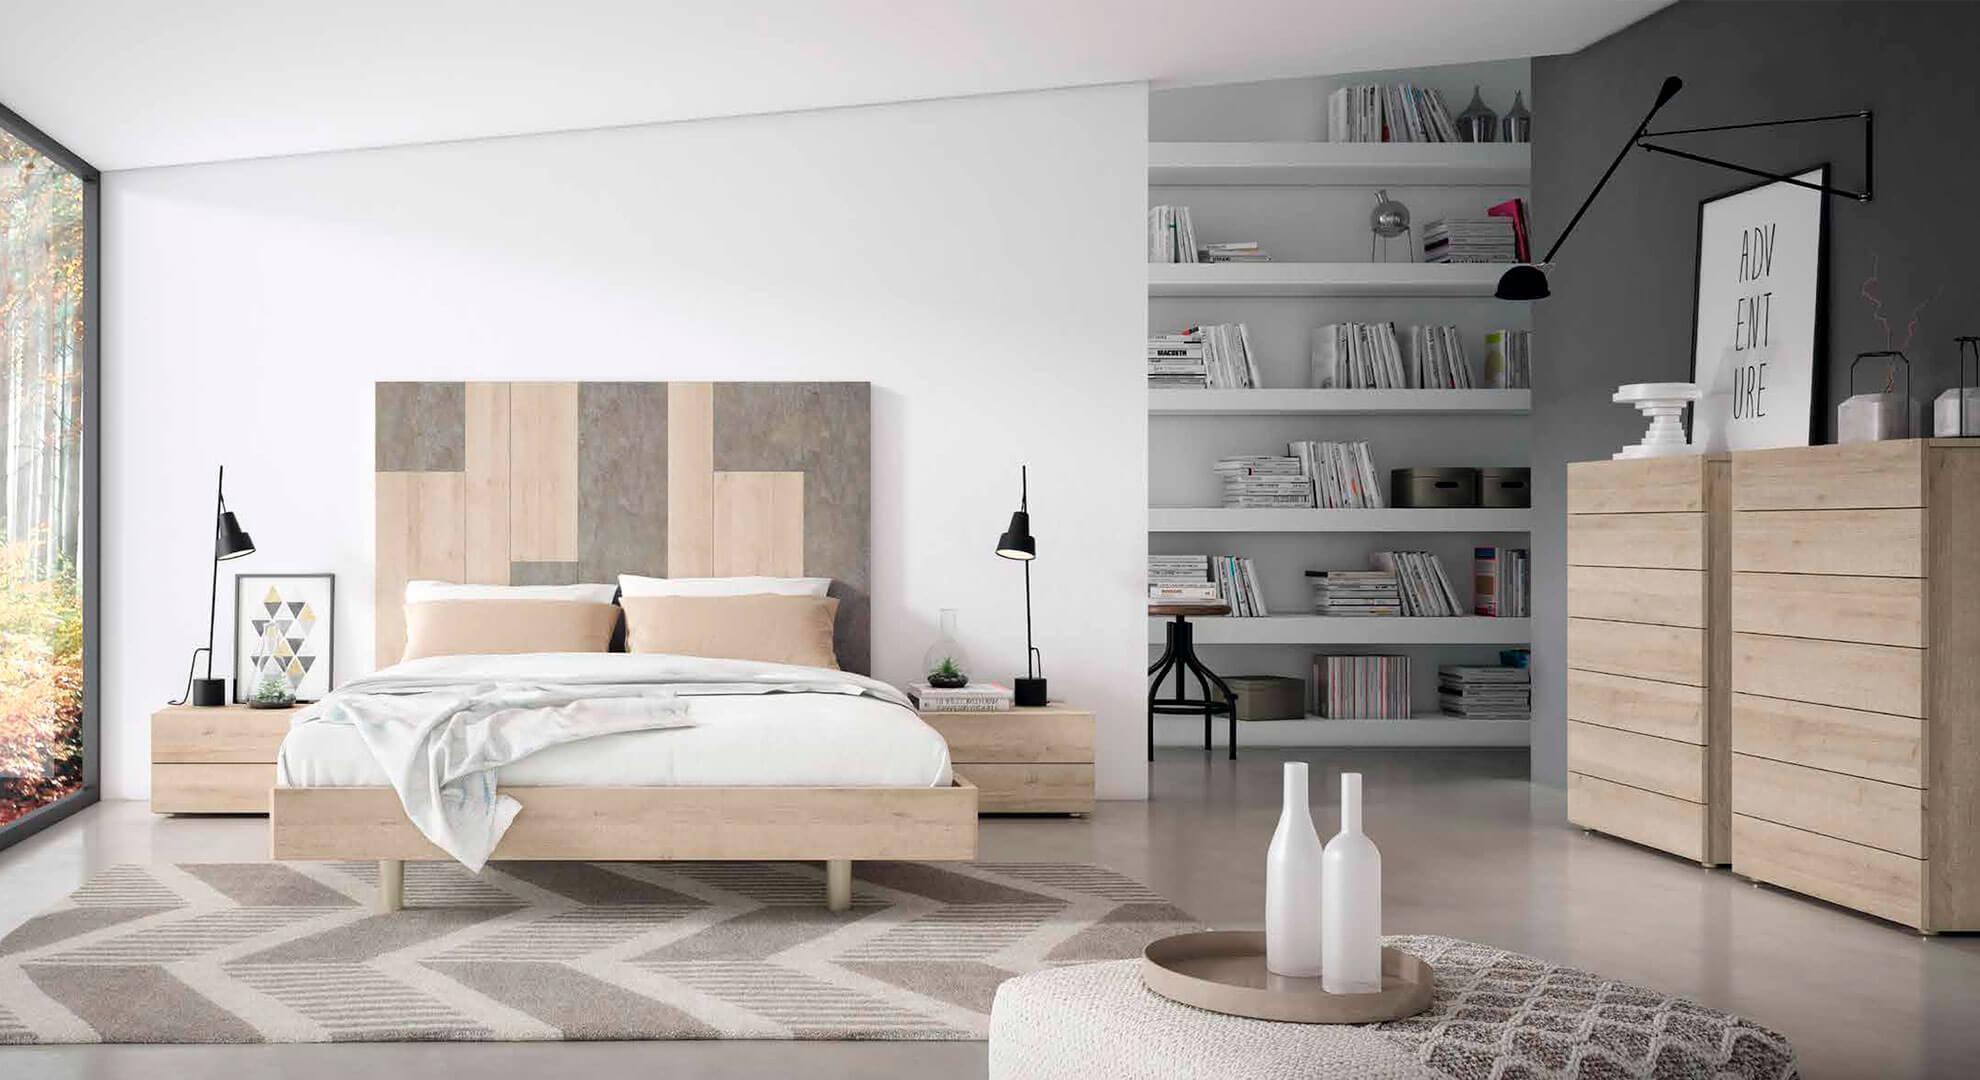 Tienda De Muebles Algeciras : Muebles sipo tu tienda de y decoración en algeciras